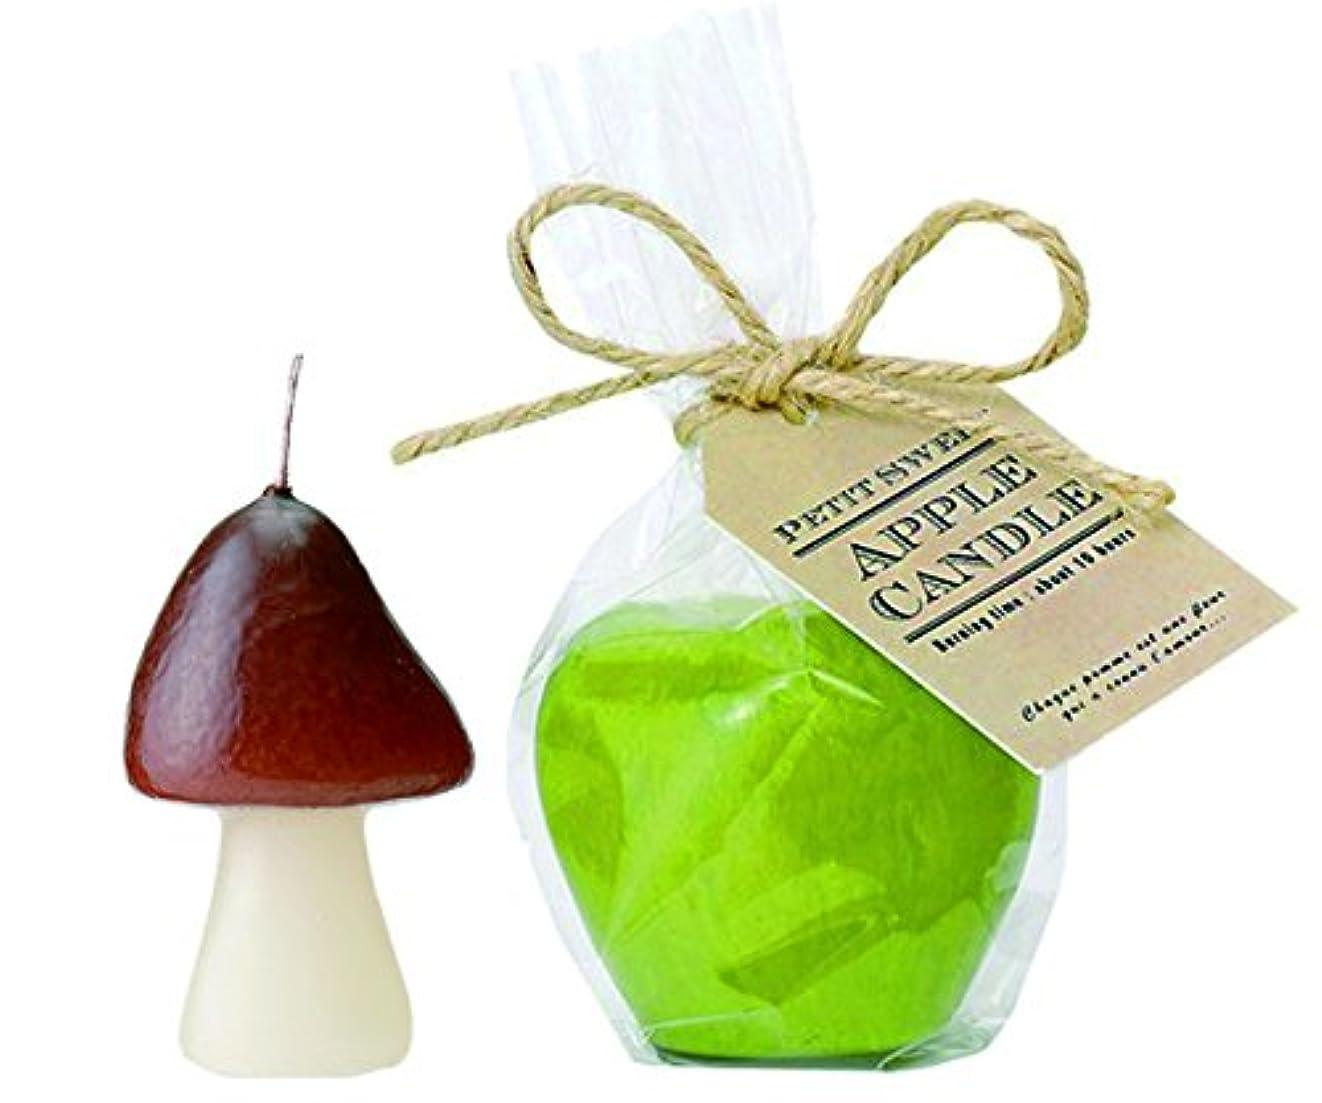 ストレスの多い農業本質的ではないカメヤマキャンドルハウス きのこキャンドルS ×1 プチスイートアップルフローティングキャンドル グリーン アップルの香り×1 セット